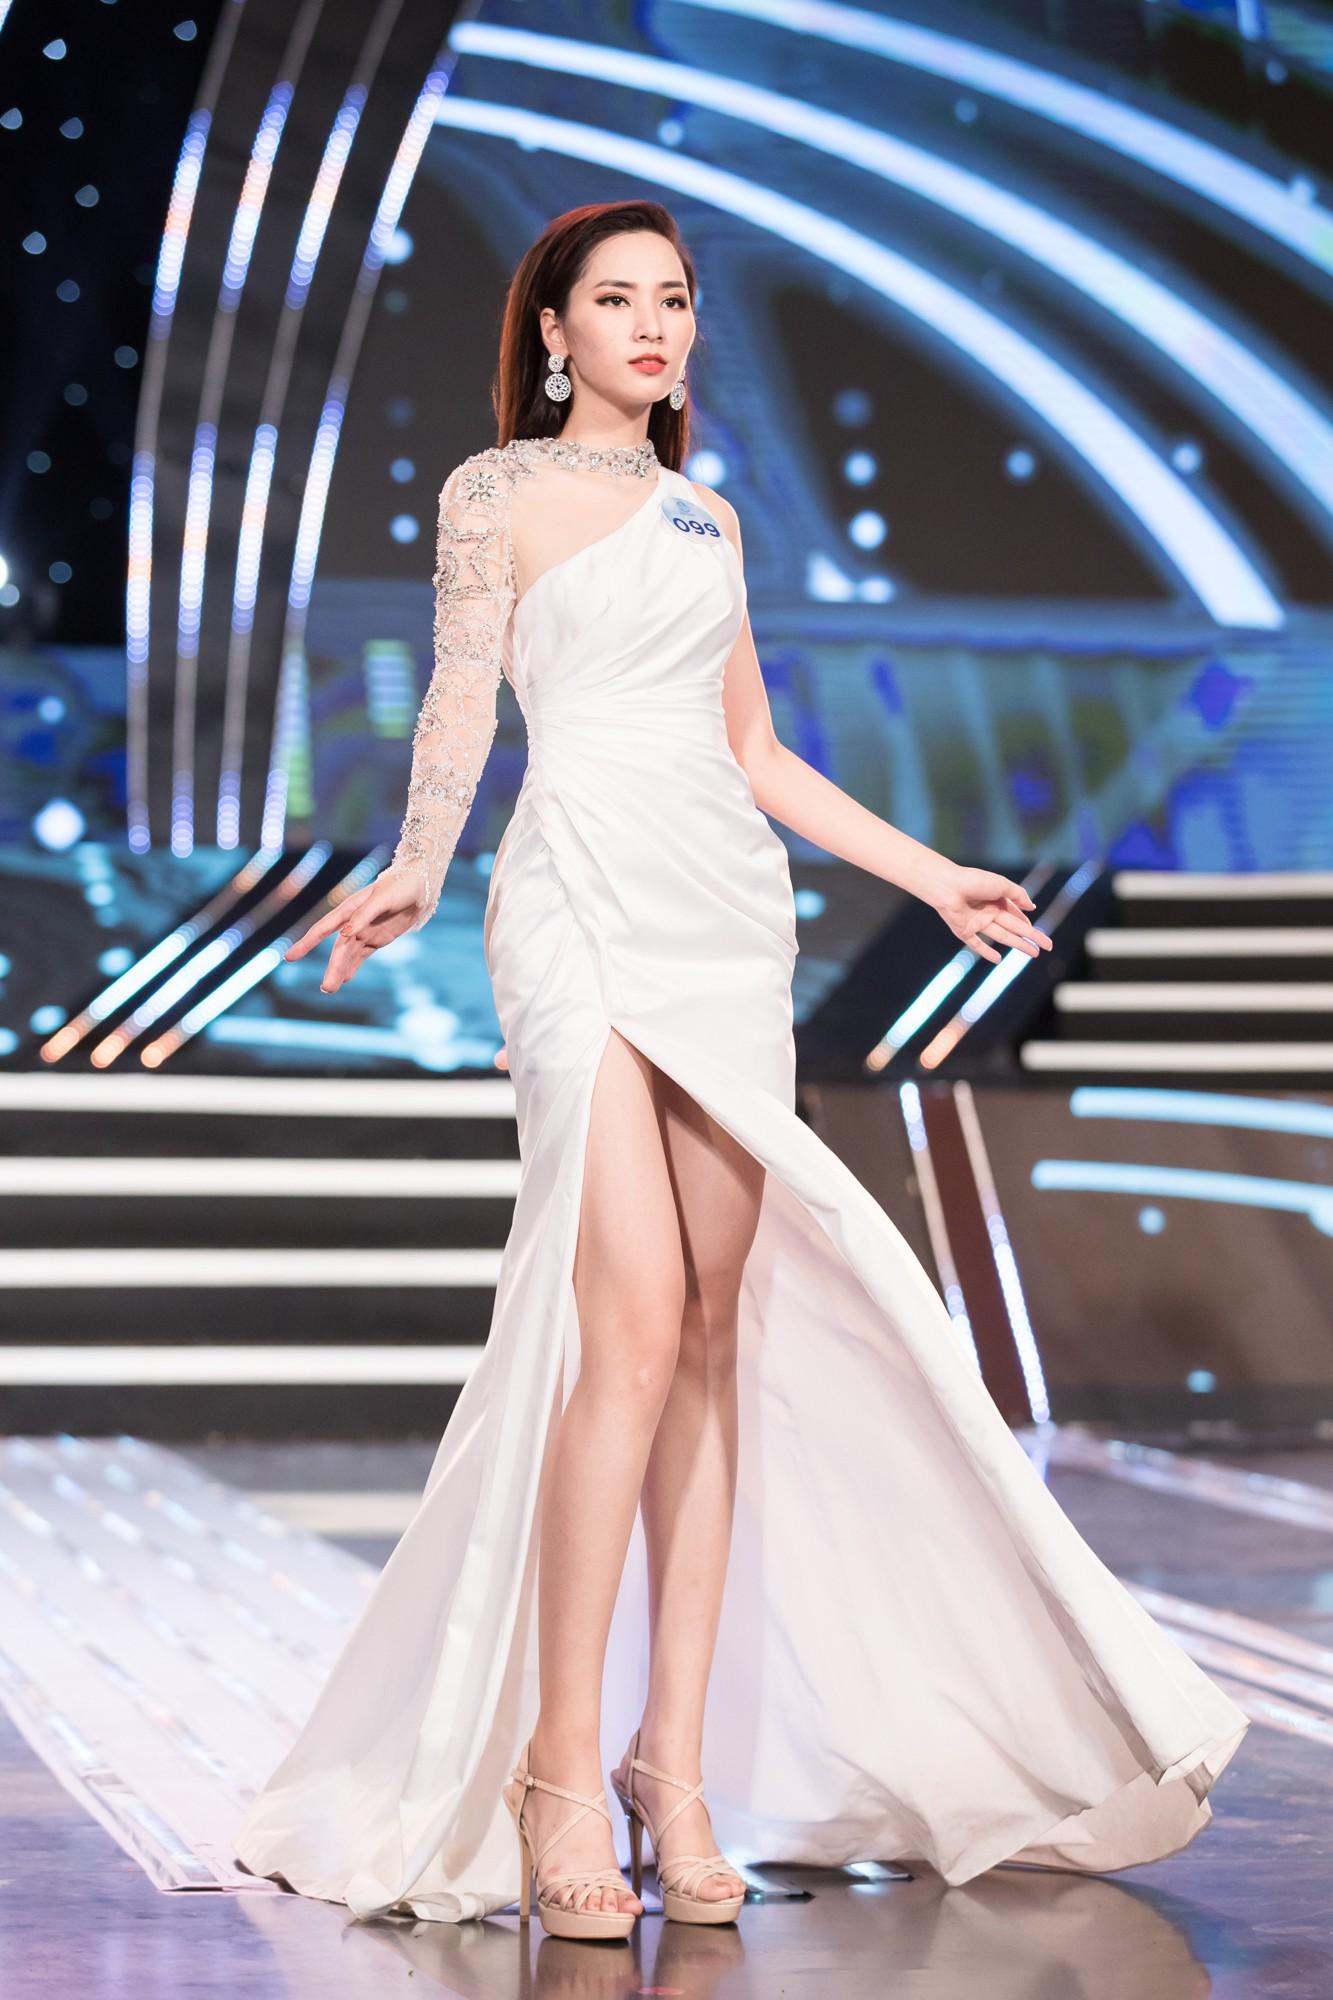 Soi nhan sắc 20 cô gái phía Bắc vừa lọt Chung kết Miss World VN: Thí sinh mặt đẹp nhất lại lộ vóc dáng đô con, thiếu đường cong-11